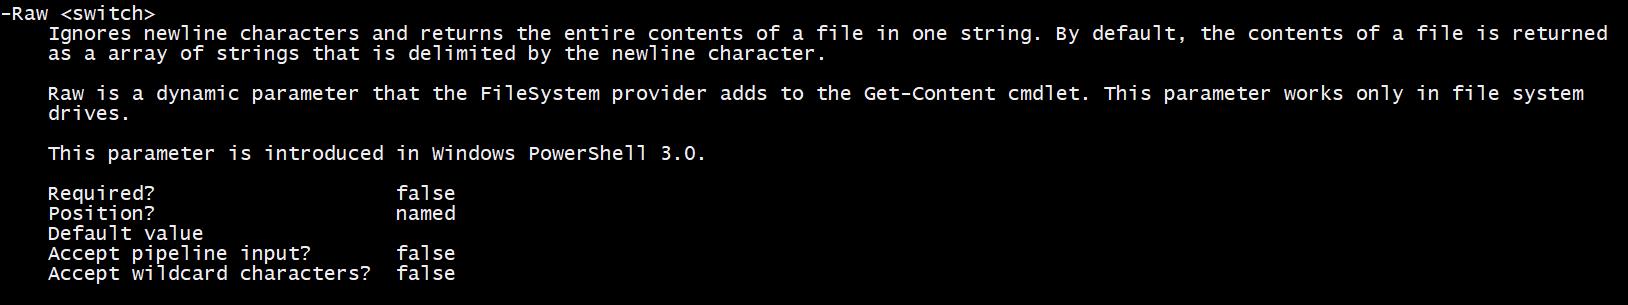 Get-Help parameters